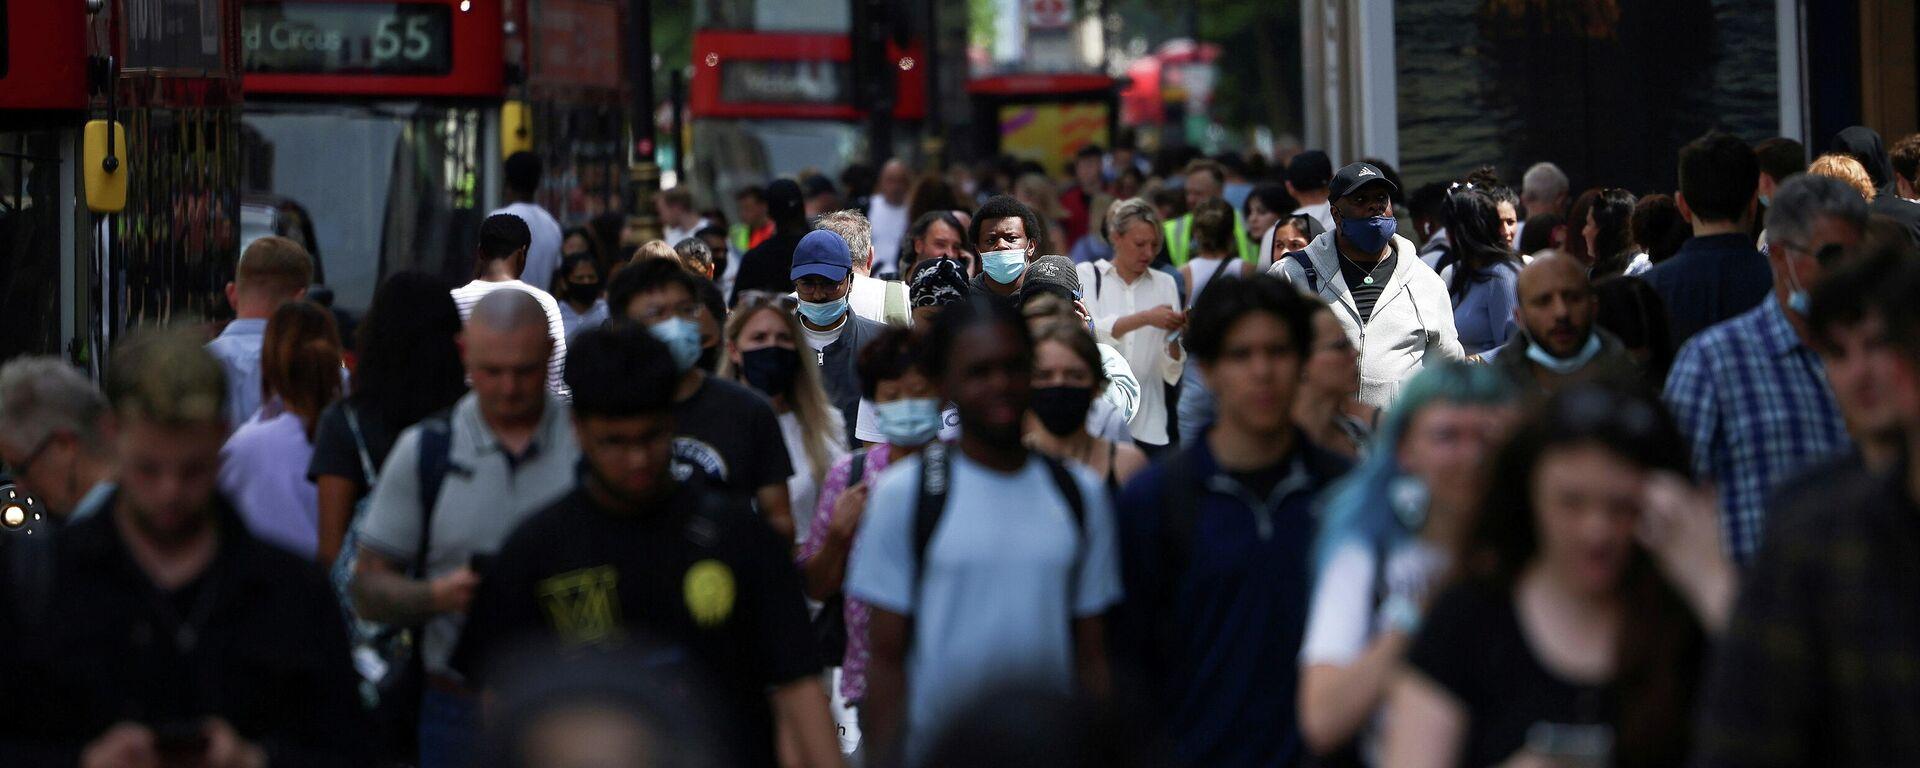 Peatones en Londres durante la pandemia de coronavirus - Sputnik Mundo, 1920, 27.07.2021